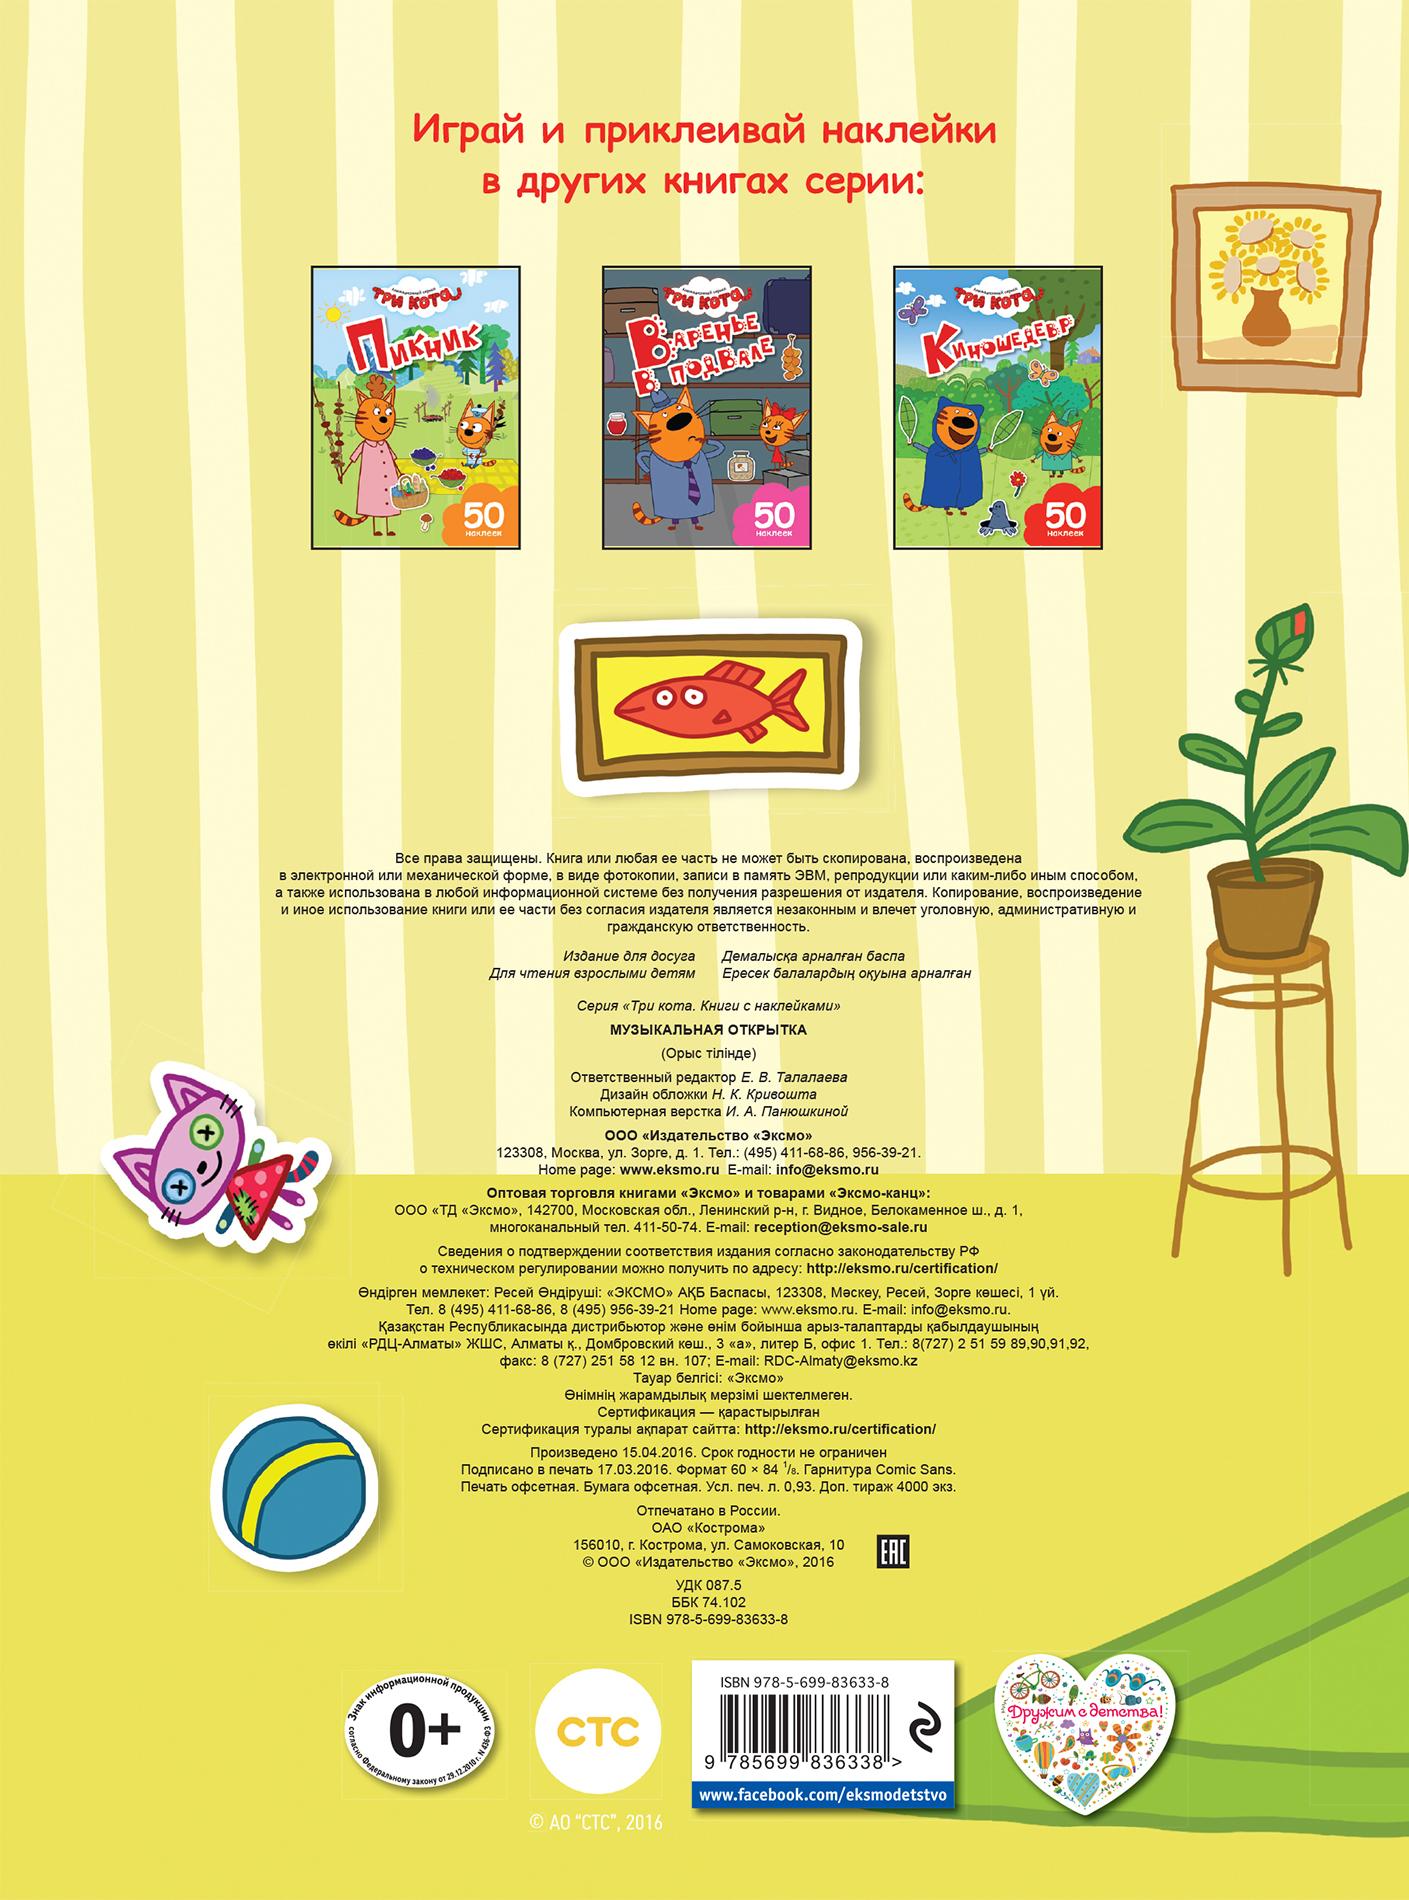 Музыкальная открытка (+ 50 наклеек)